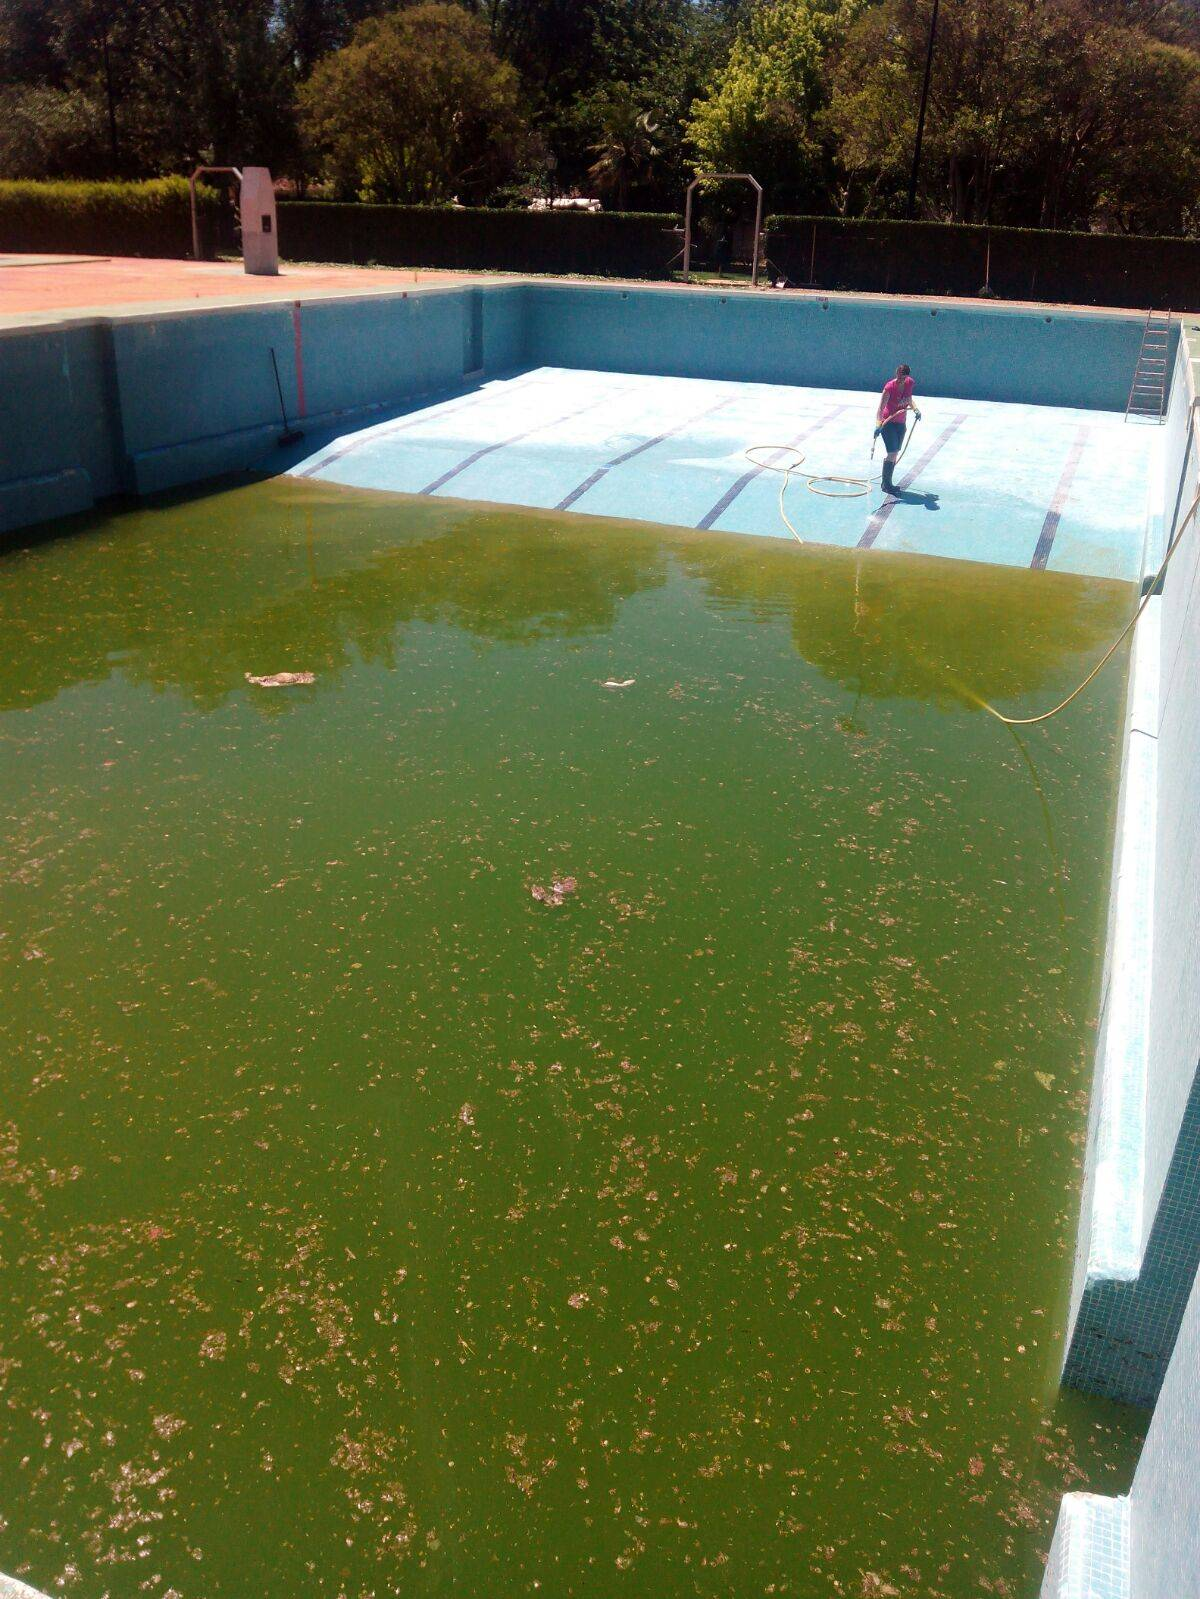 limpieza de piscina herencia para verano 2017 - Preparando la Piscina Municipal de Herencia para su próxima apertura